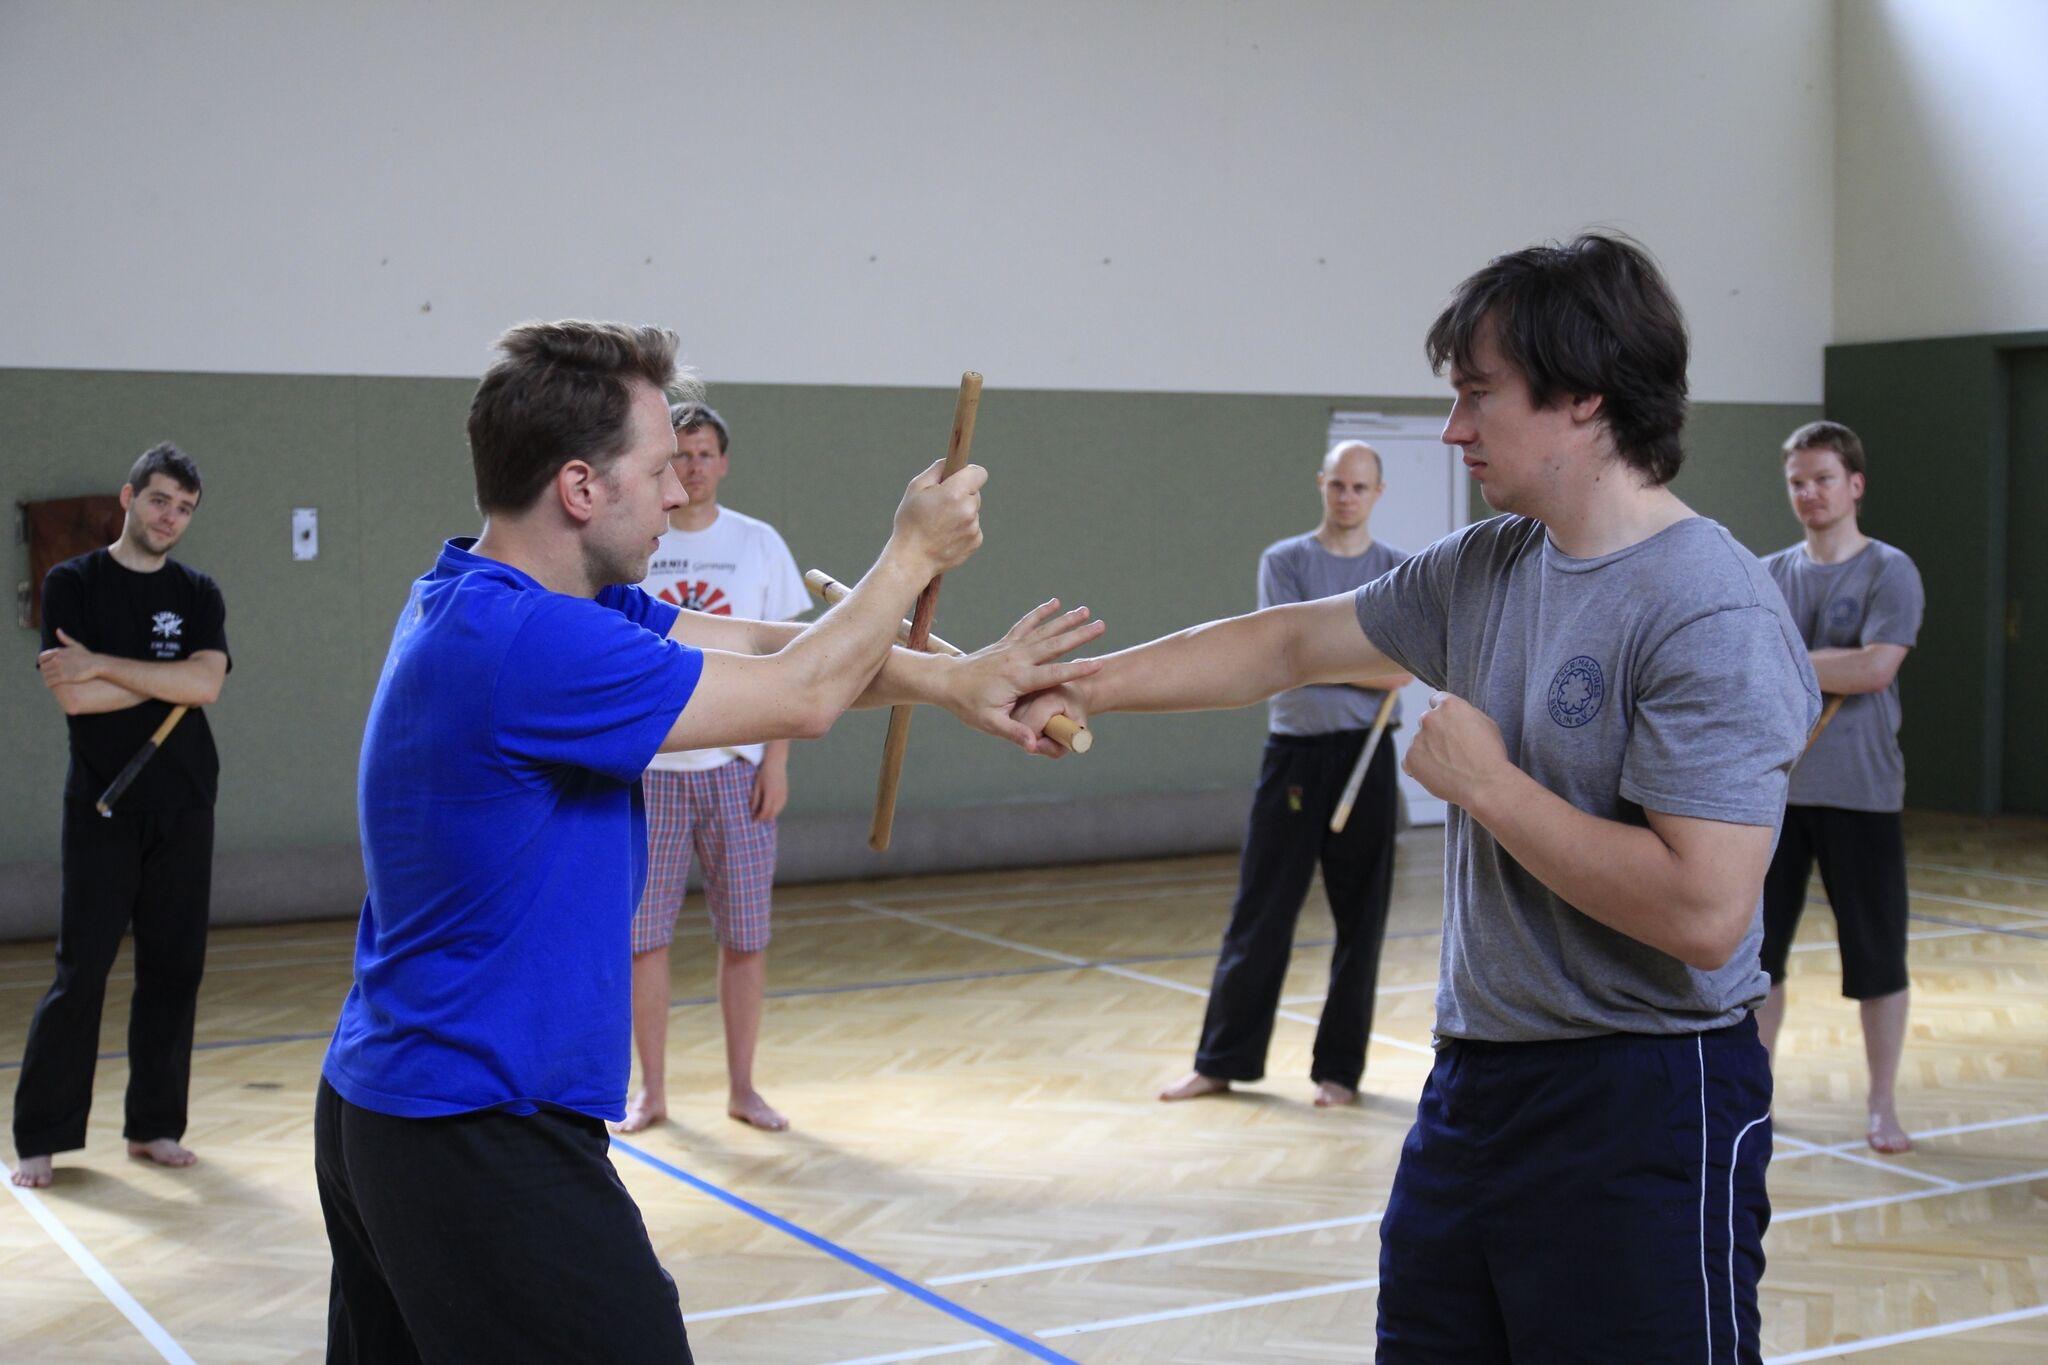 Stockkampf-Übung in Rewa-Haltung